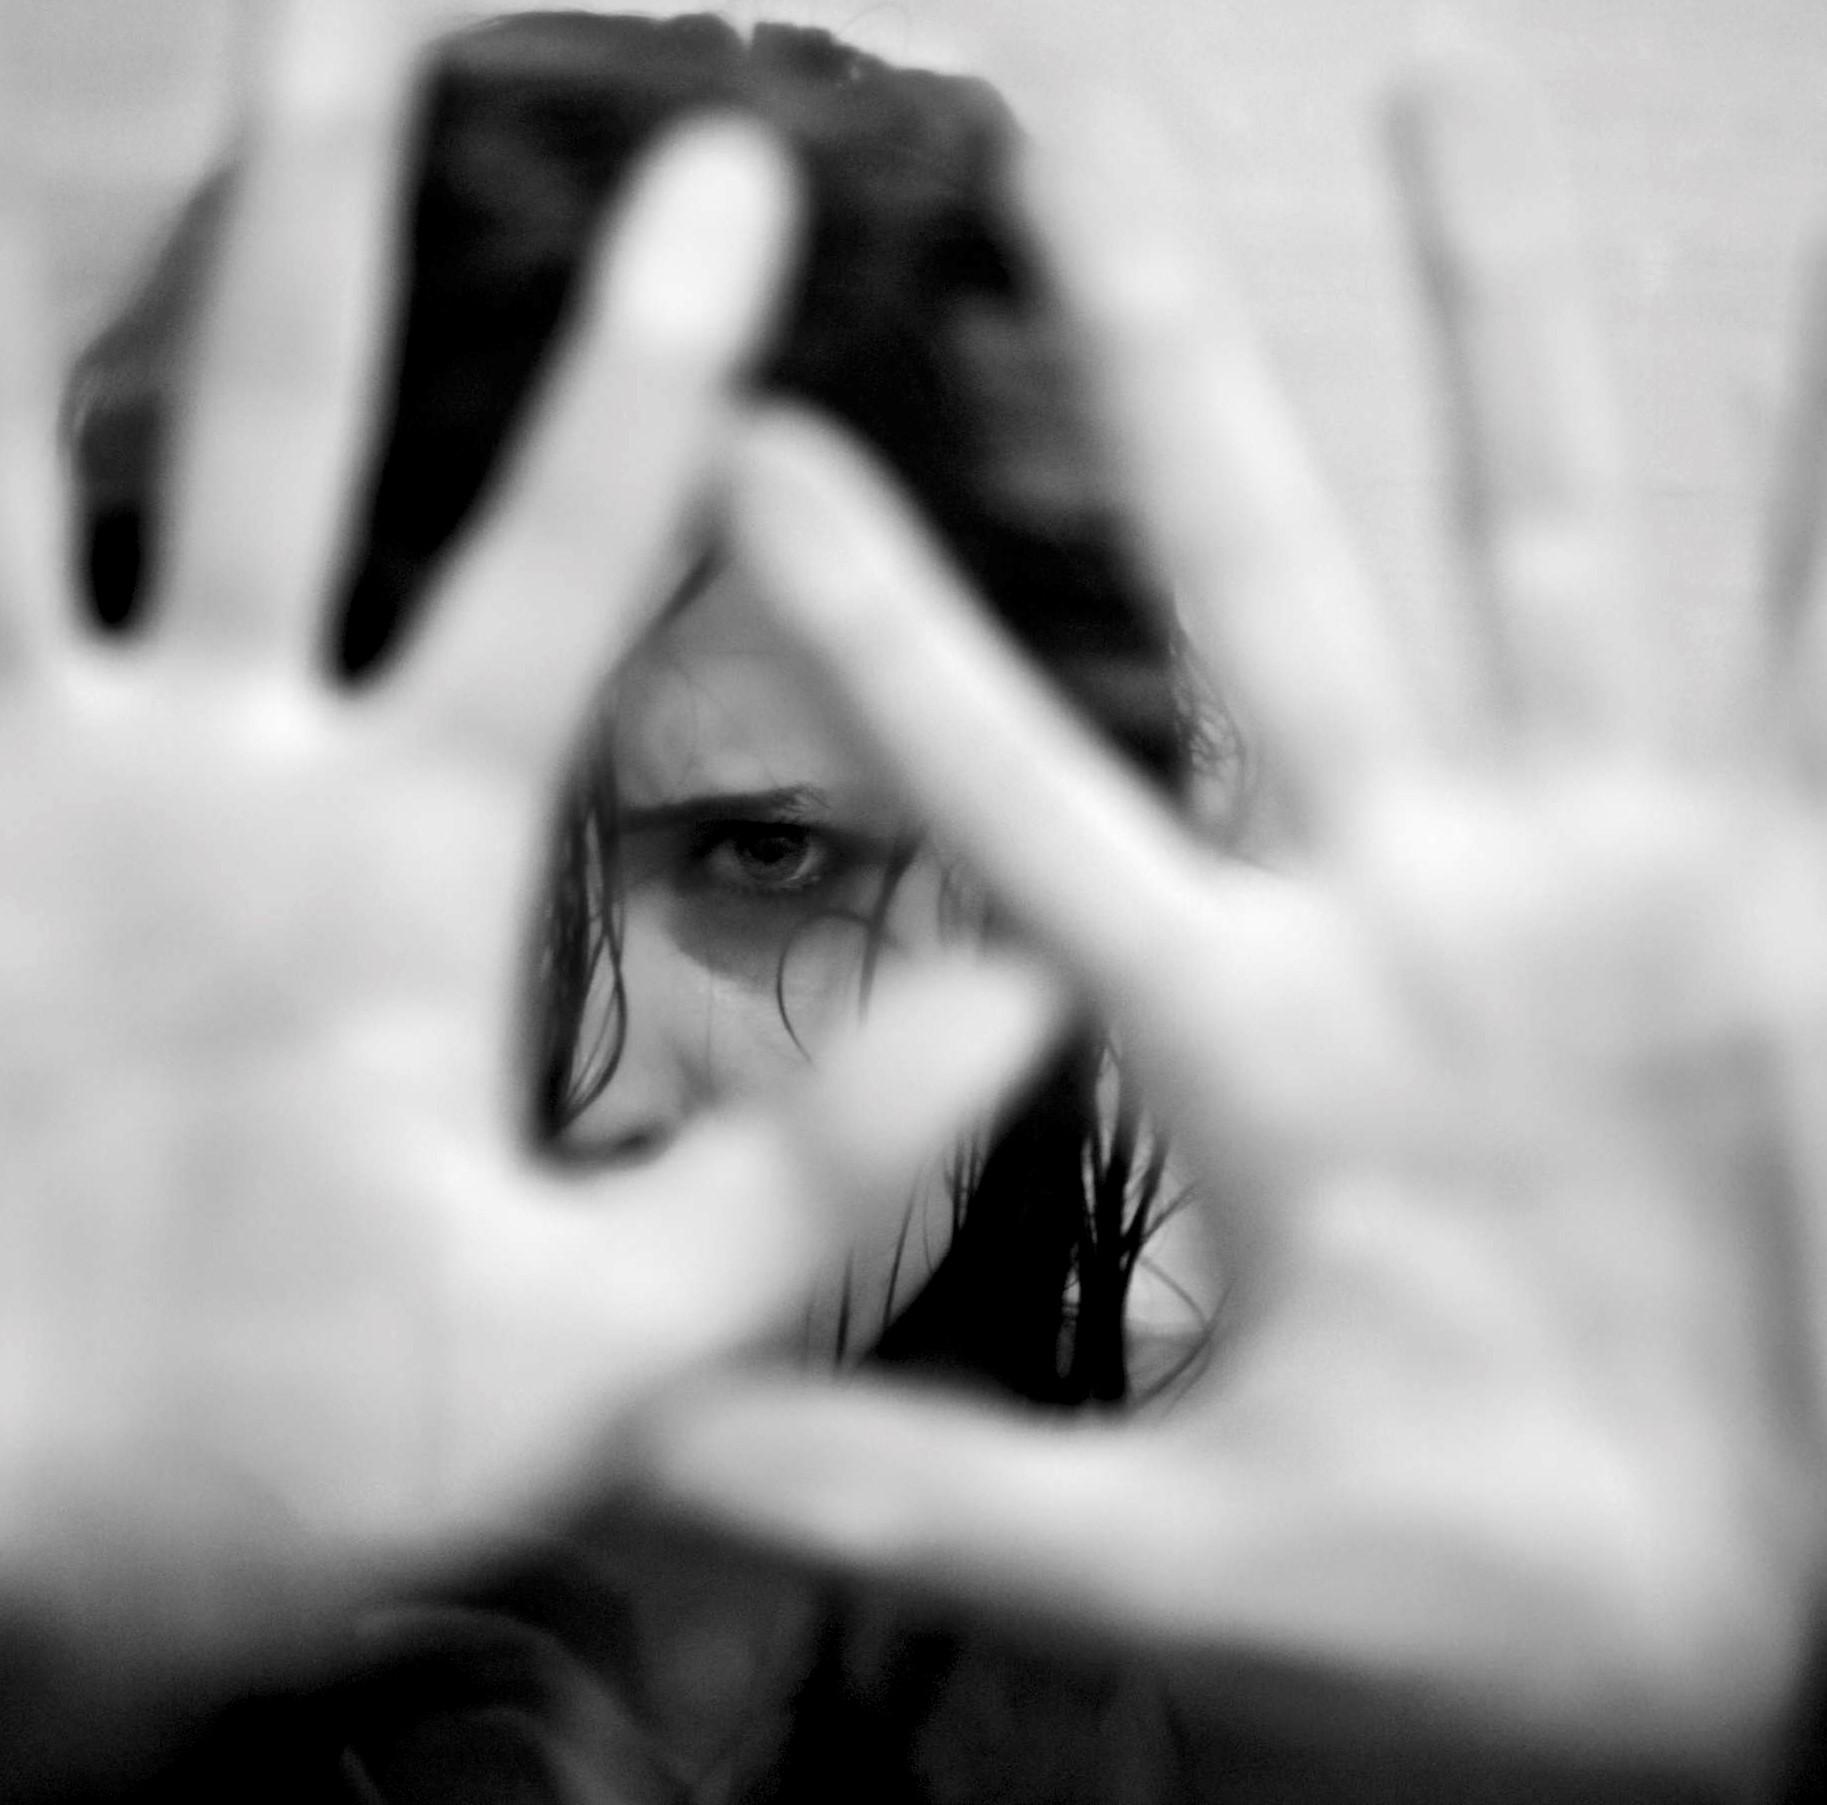 Agresiones sexuales a jóvenes solo el 20% de los asaltados lo comunicaron a la policía